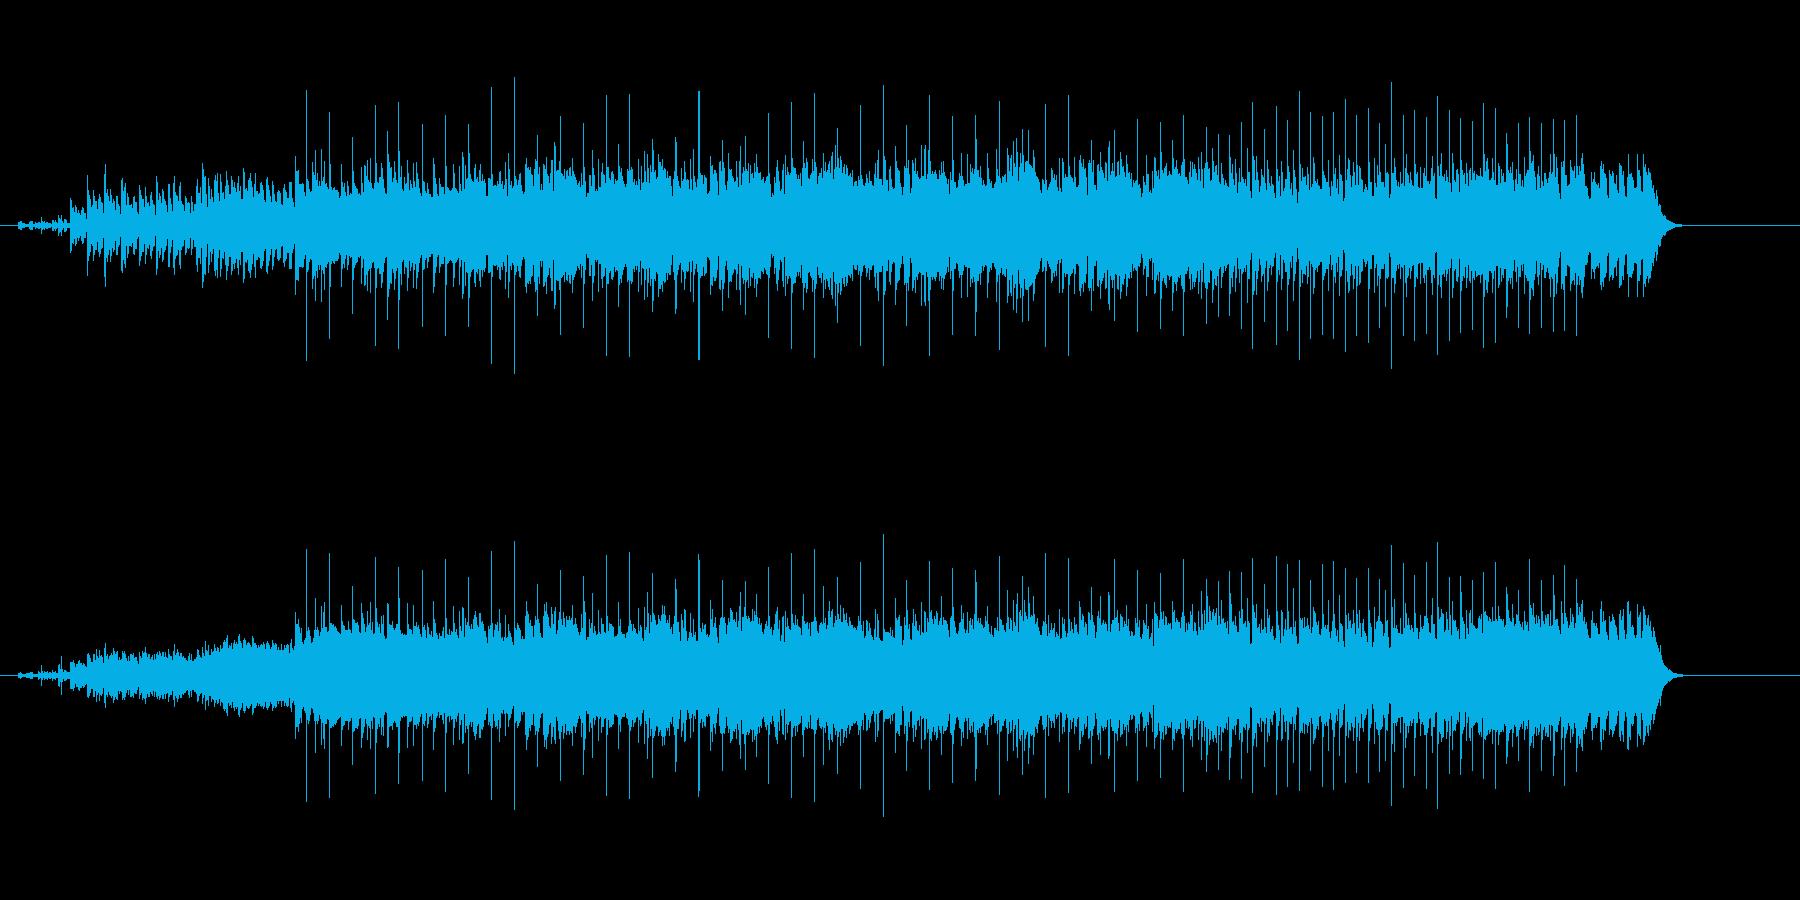 ヘヴィーでダイナミックなマイナー・ロックの再生済みの波形